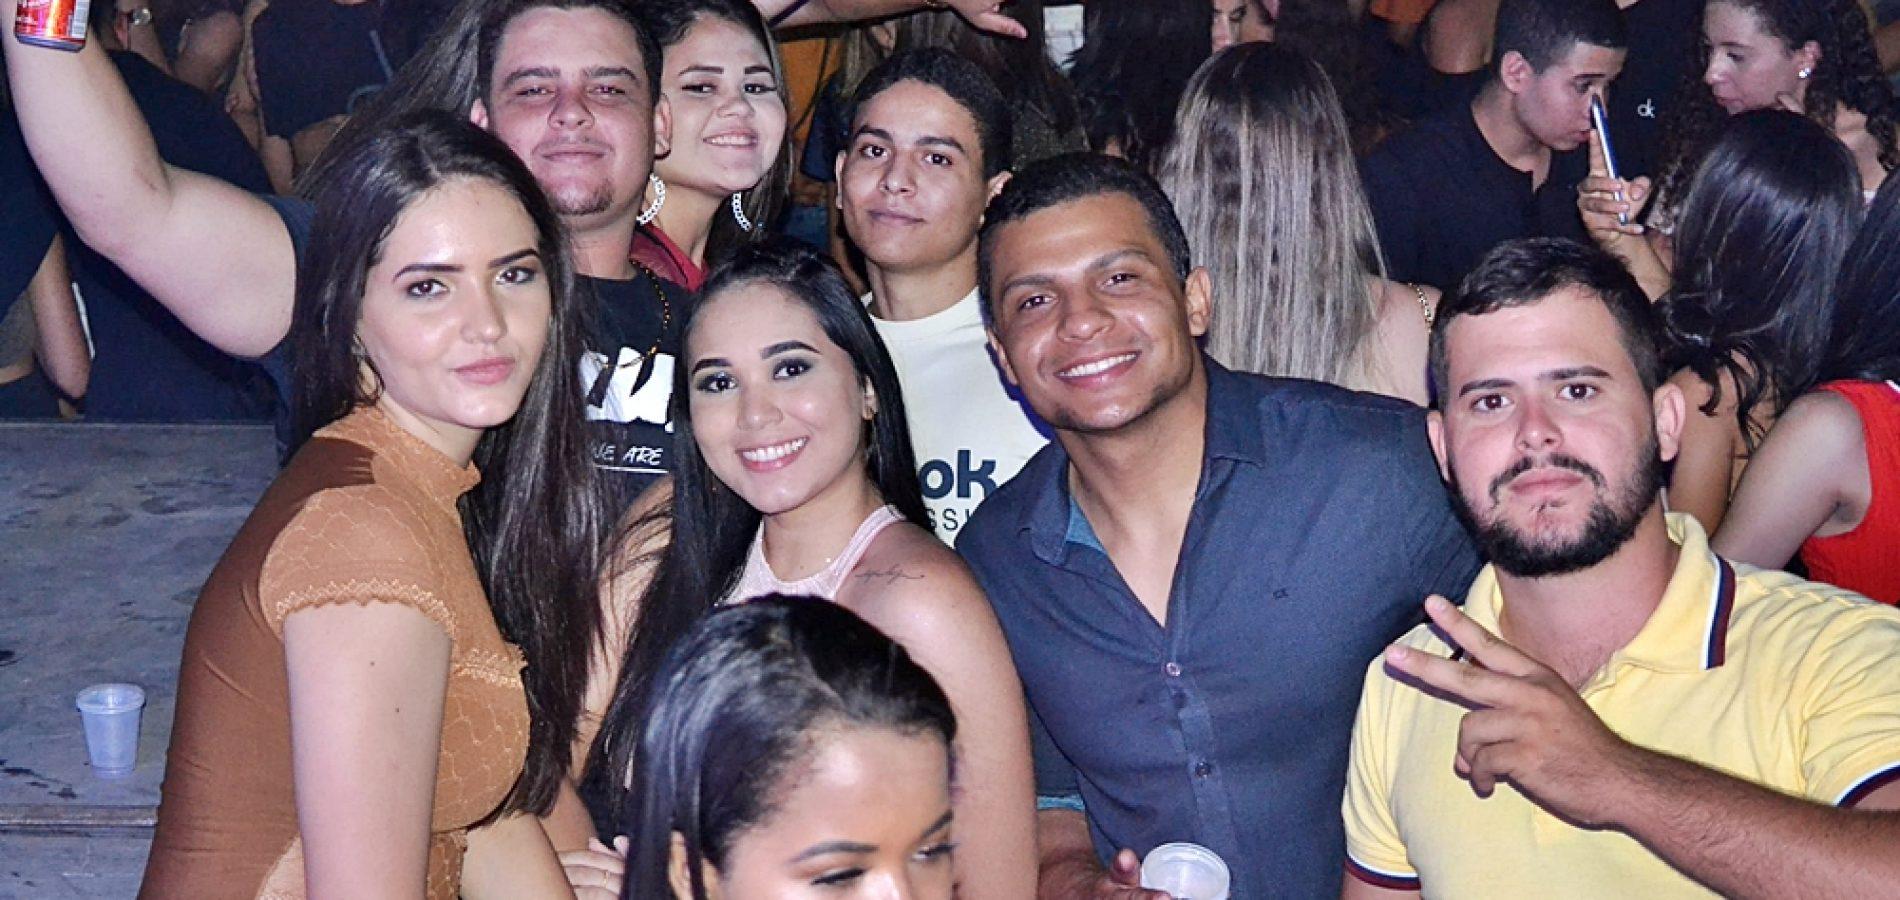 Confira as fotos dos shows de Zé Vaqueiro e Thúllio Milionário nos festejos de Simões